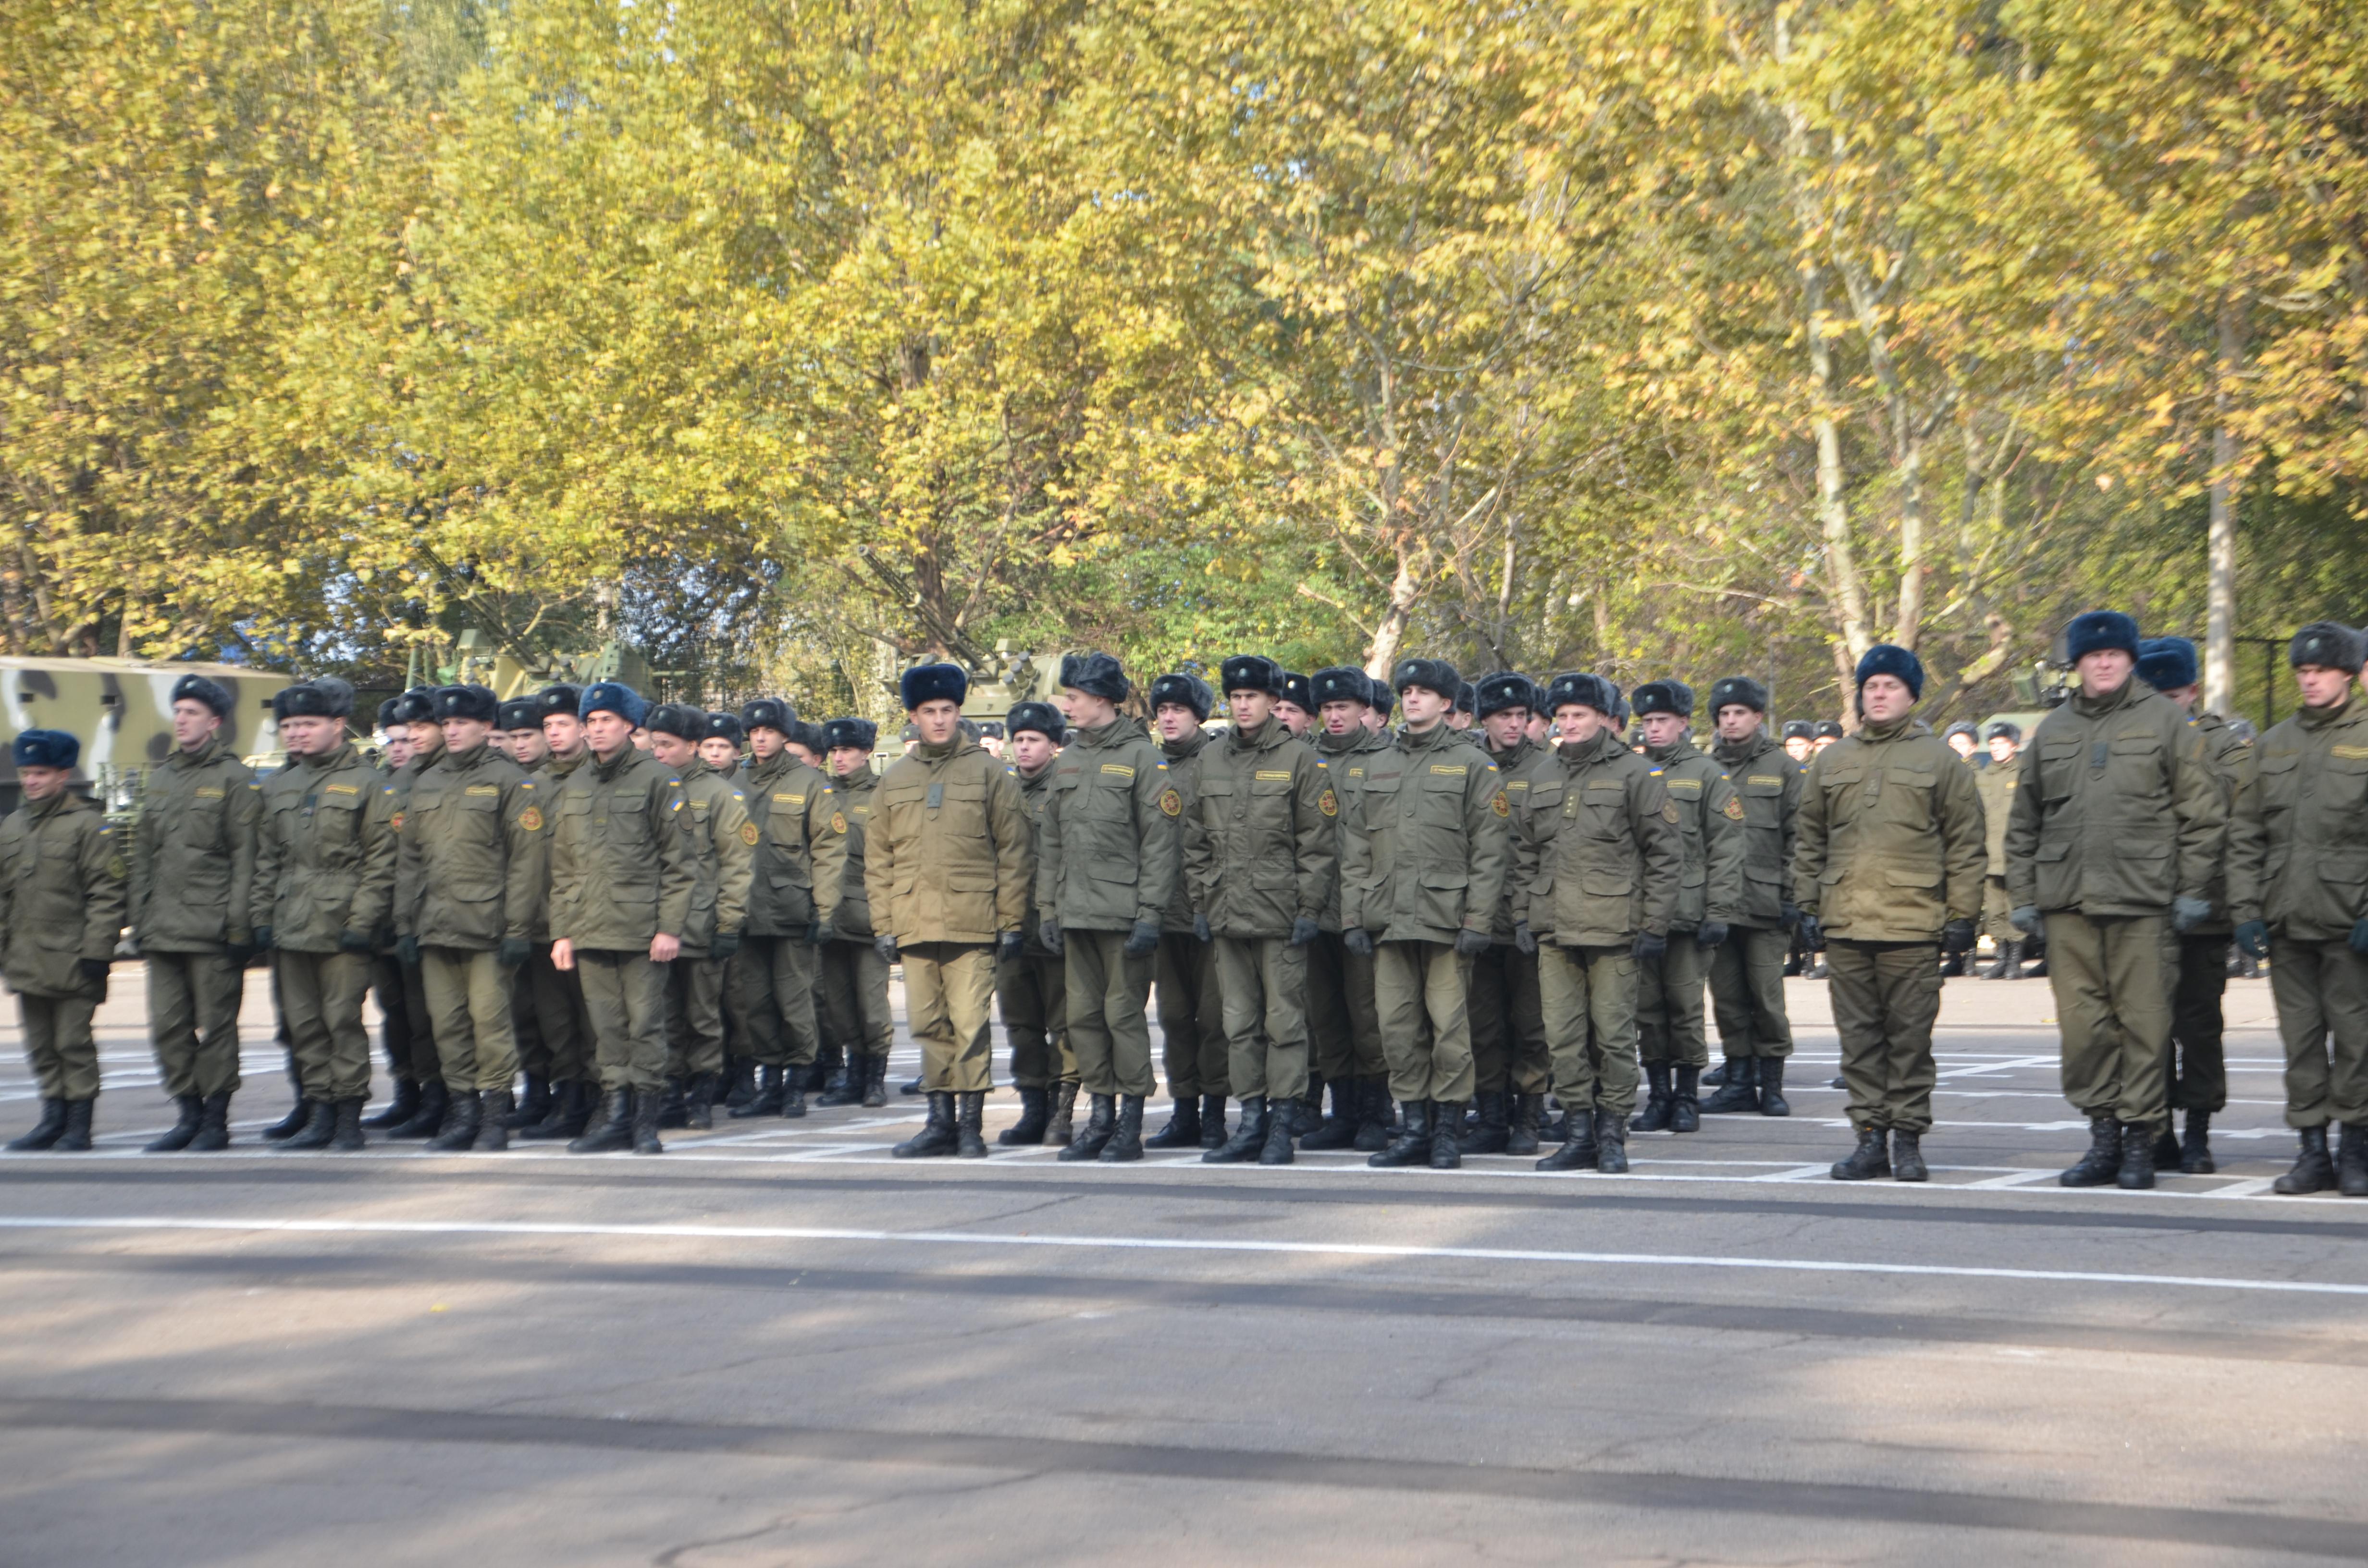 Запорожская воинская часть отметила свой день рождения - фото